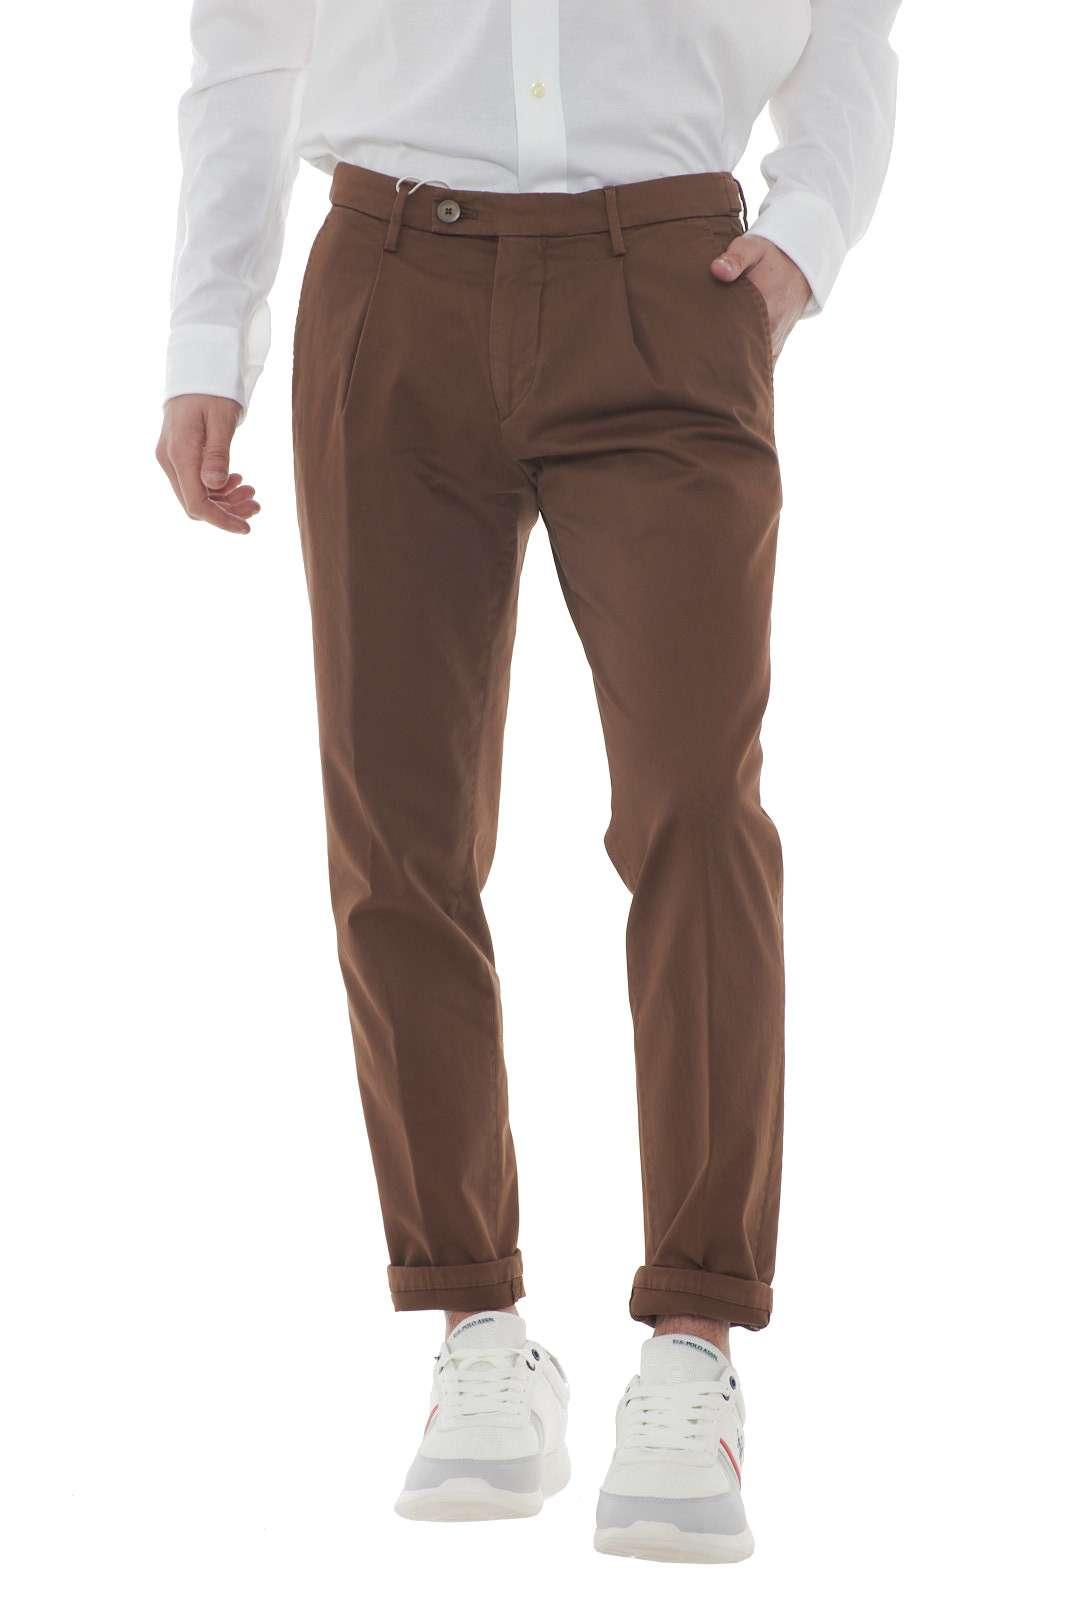 Un comodo pantalone in gabardina quello proposto per la collezione uomo Michael Coal. Il modello capri è impreziosito dalle pences e dalle tasche posteriori con bottone. Facile da abbinare, si presta con versatilità ad ogni look. Il modello è alto 1.80m e indossa la taglia 31.